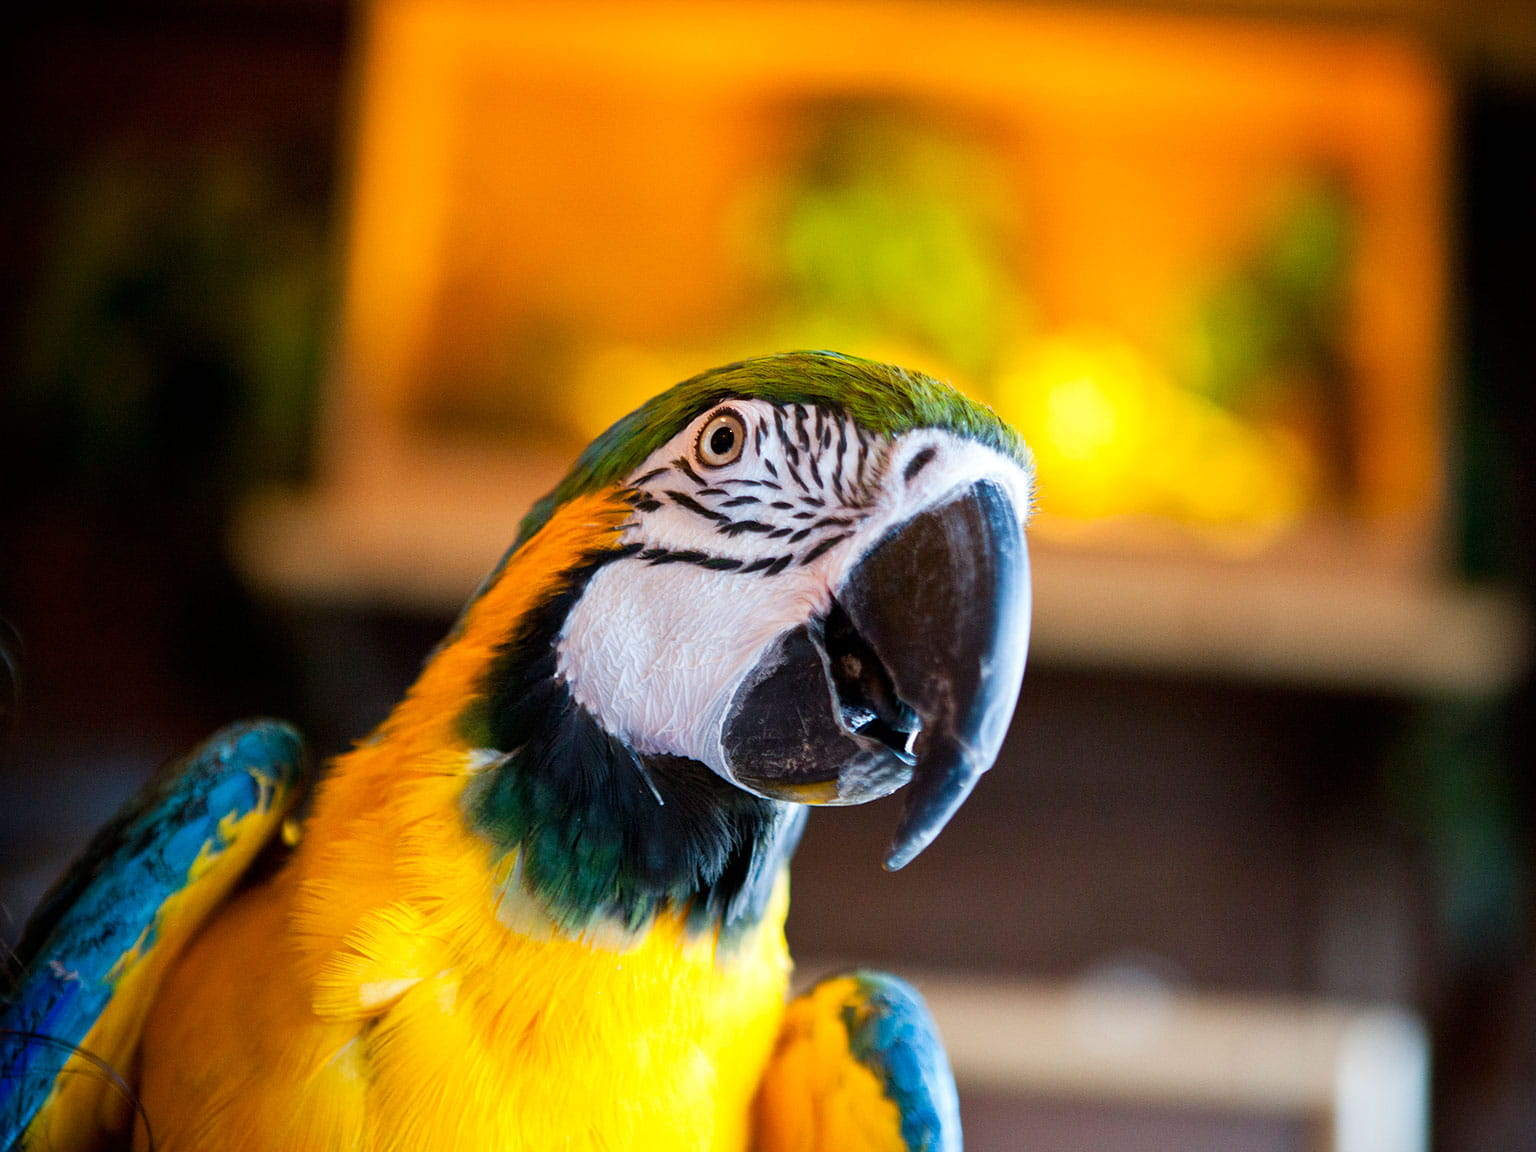 Parrot gawking